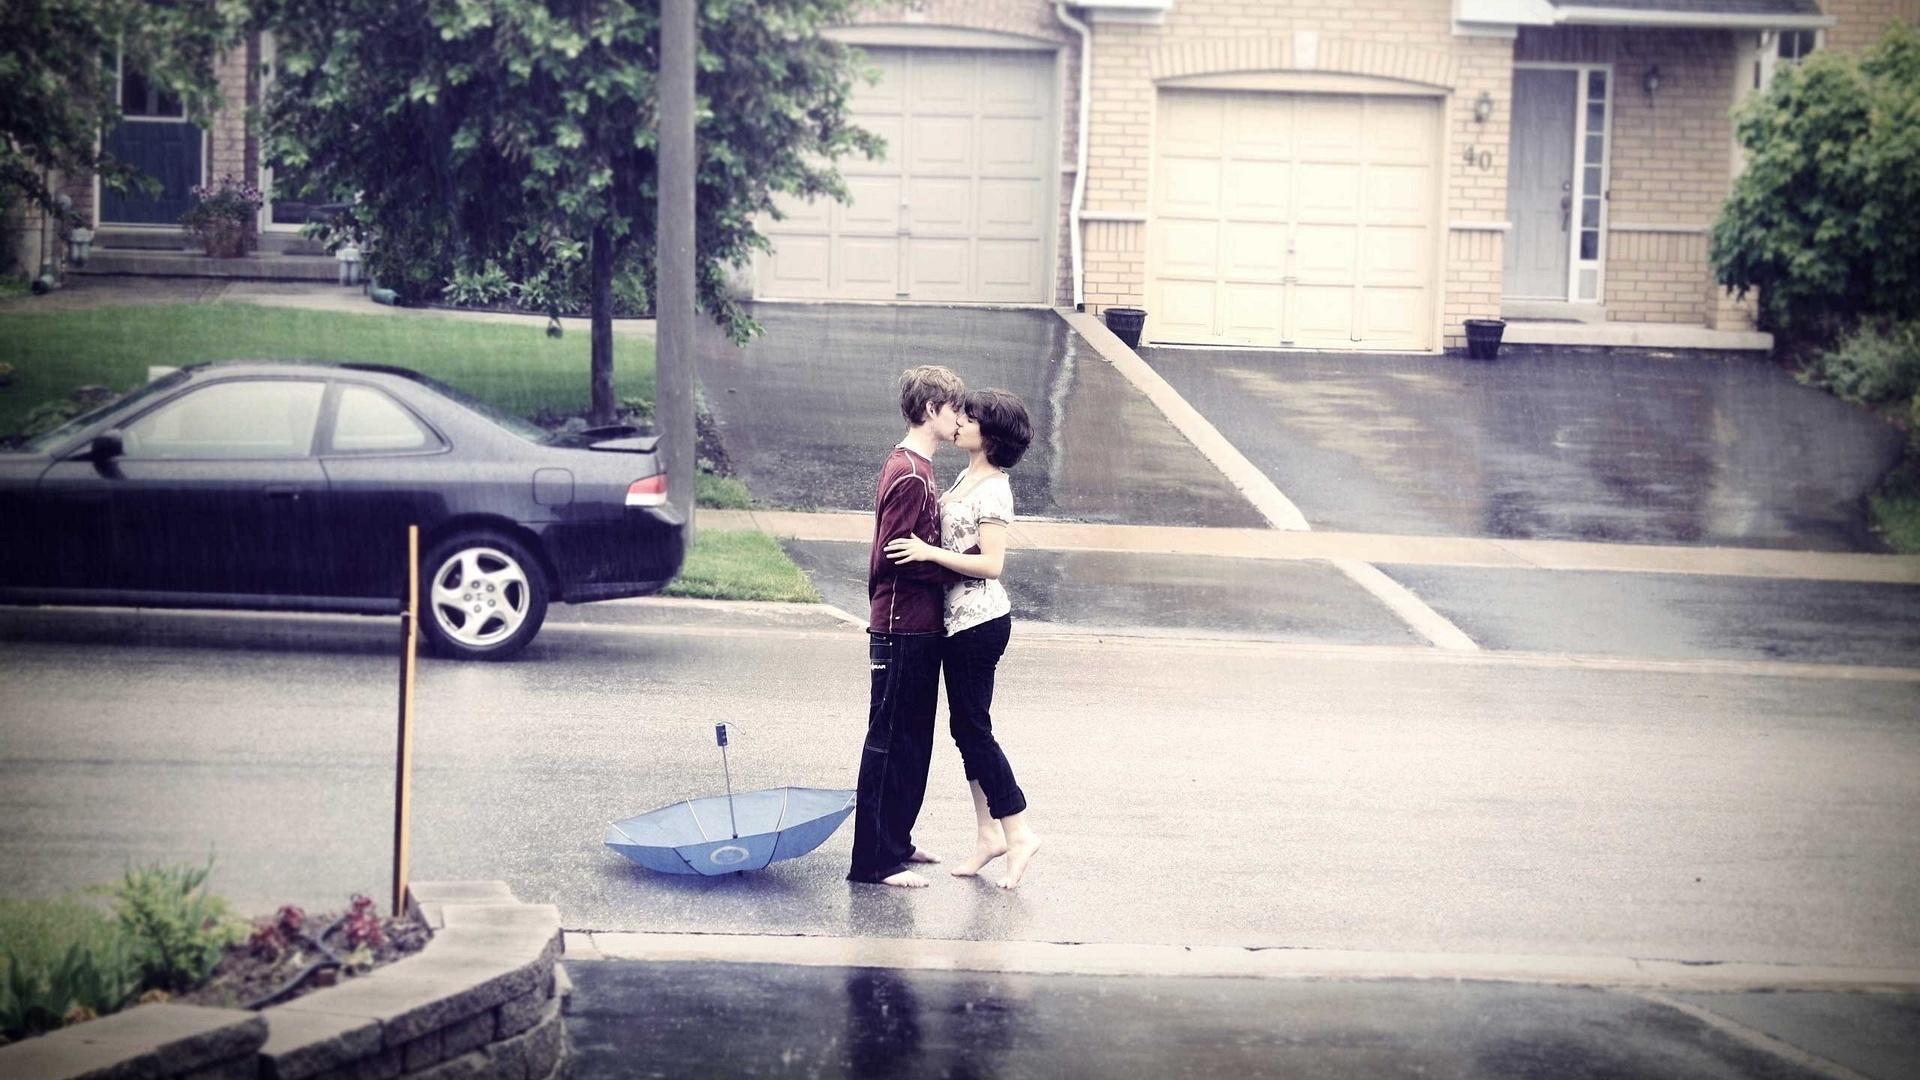 улица, дождь, поцелуй, радость встречи